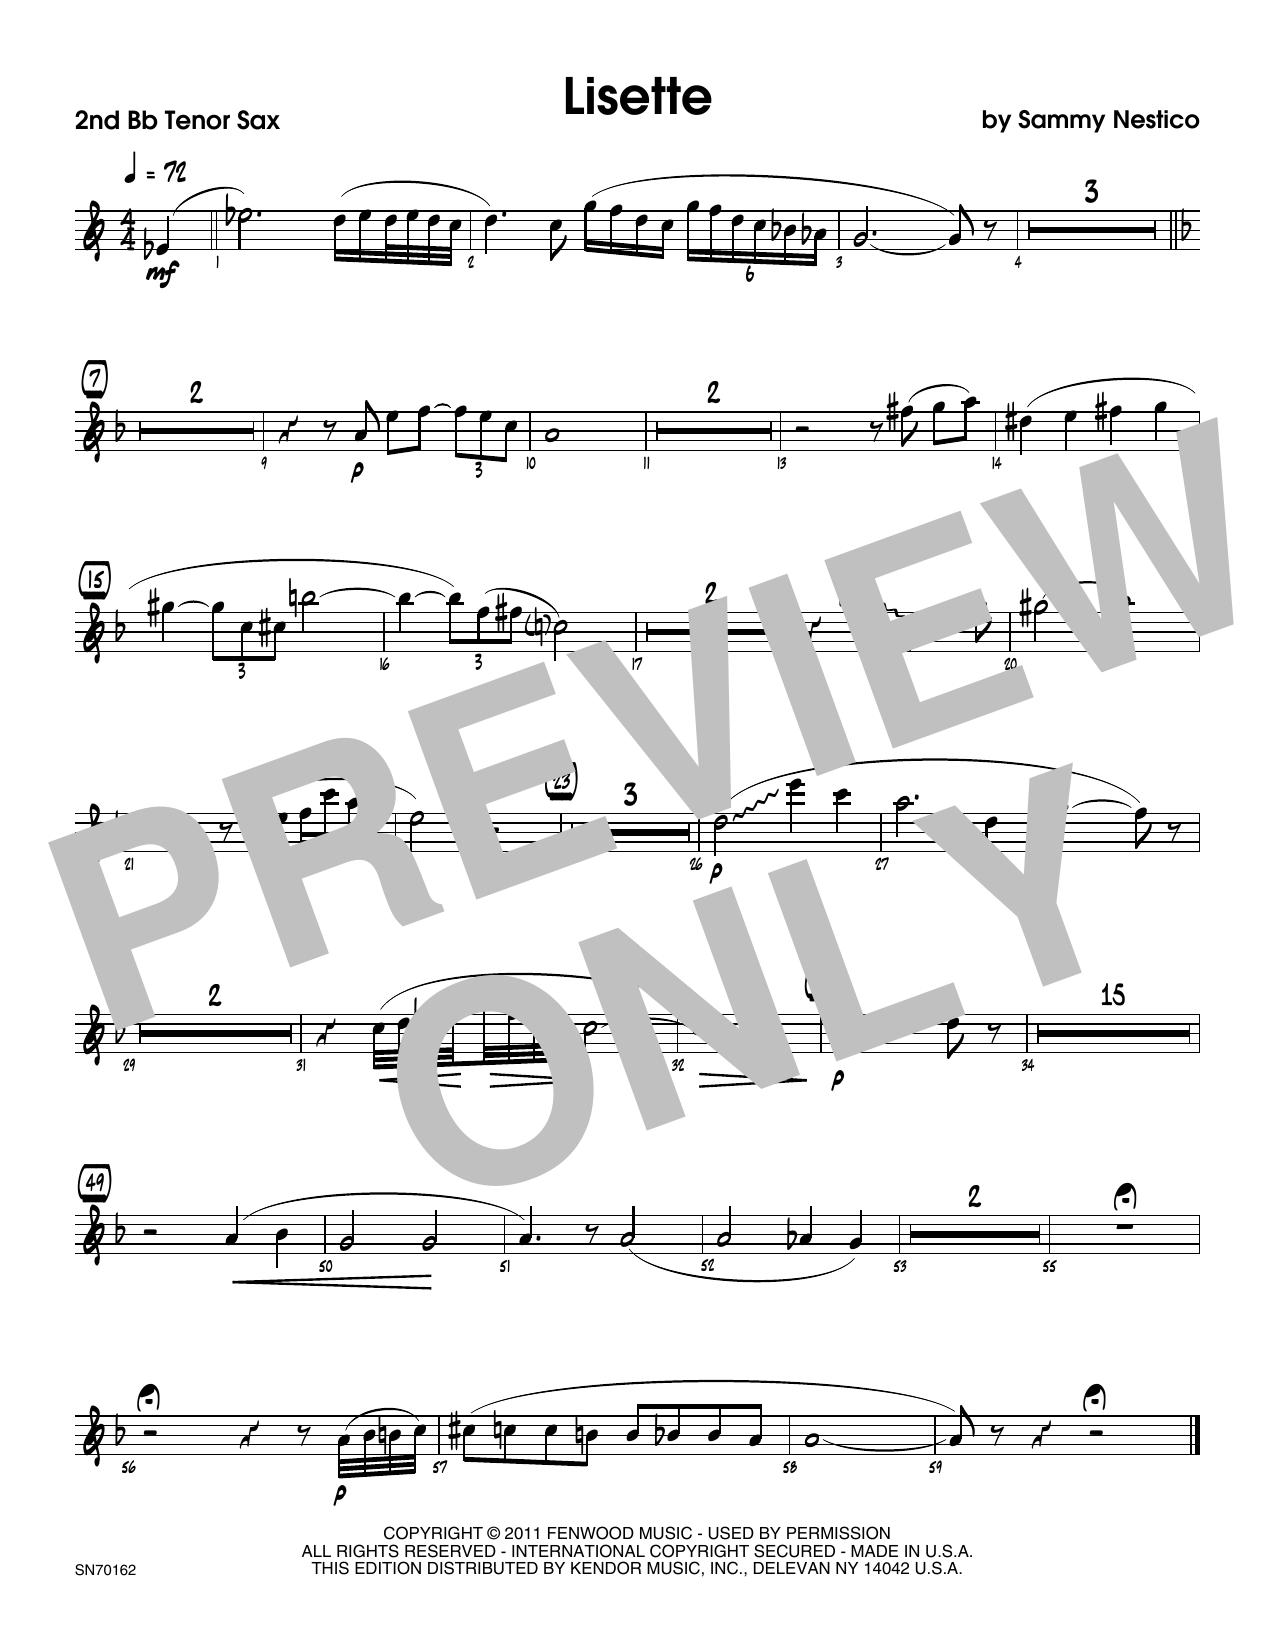 Lisette - 2nd Bb Tenor Saxophone Sheet Music